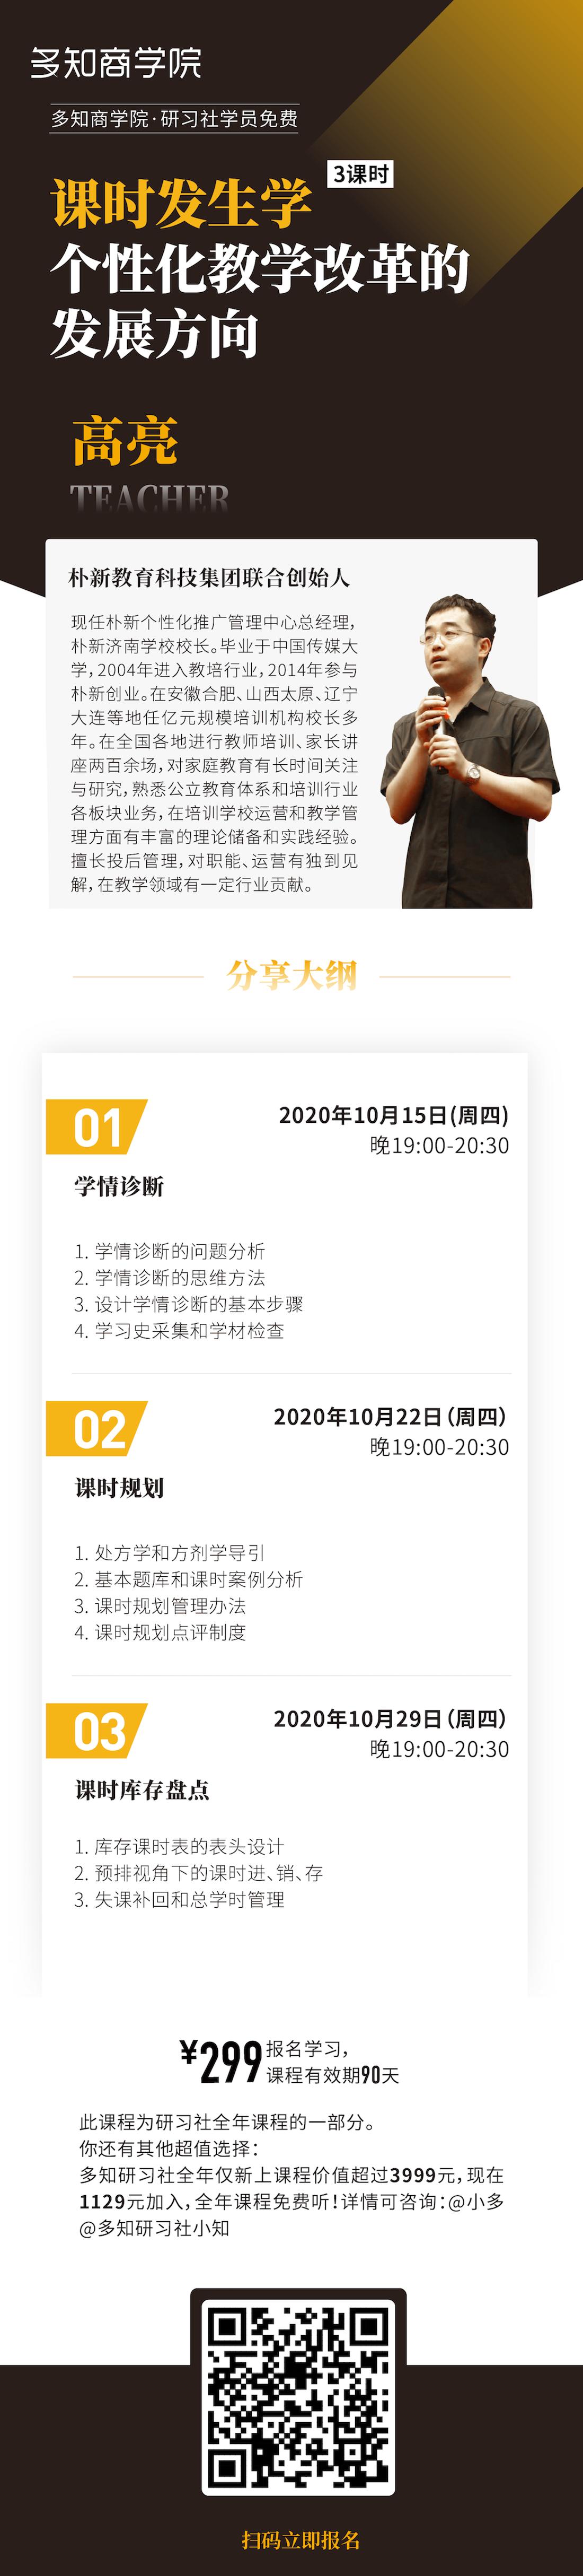 0新图WechatIMG48430.png